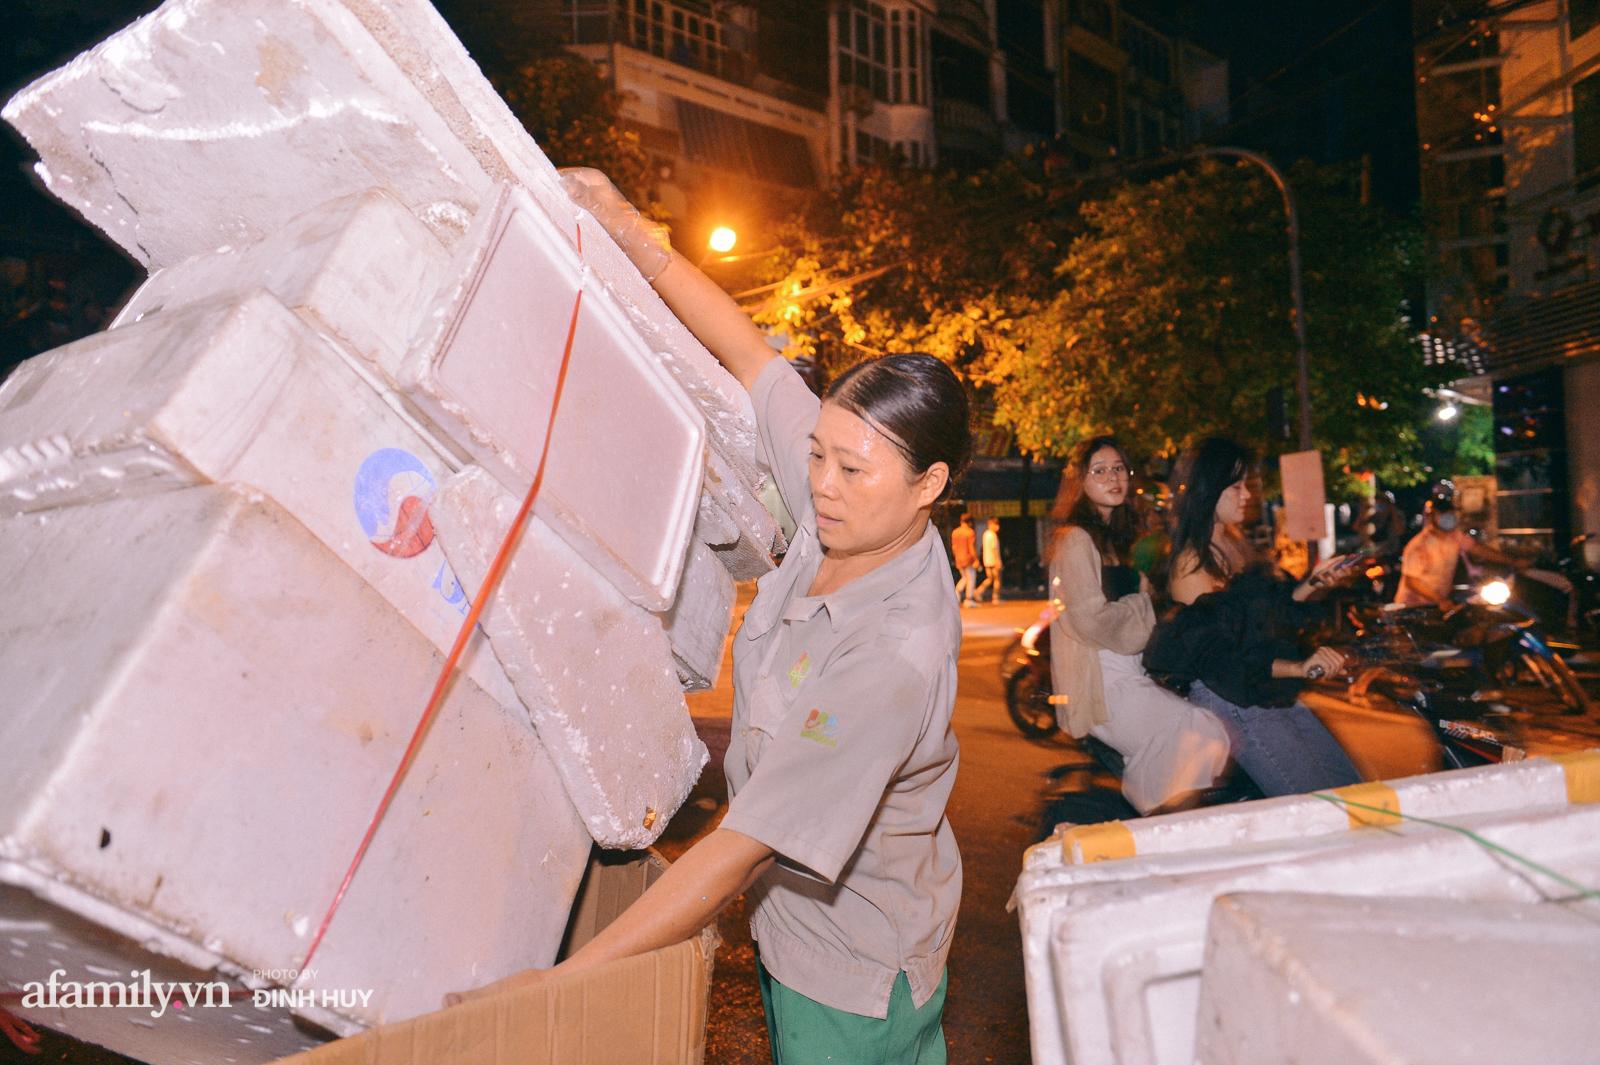 Đêm Trung thu chìm trong rác thải của cô công nhân vệ sinh trên phố cổ - Ảnh 5.